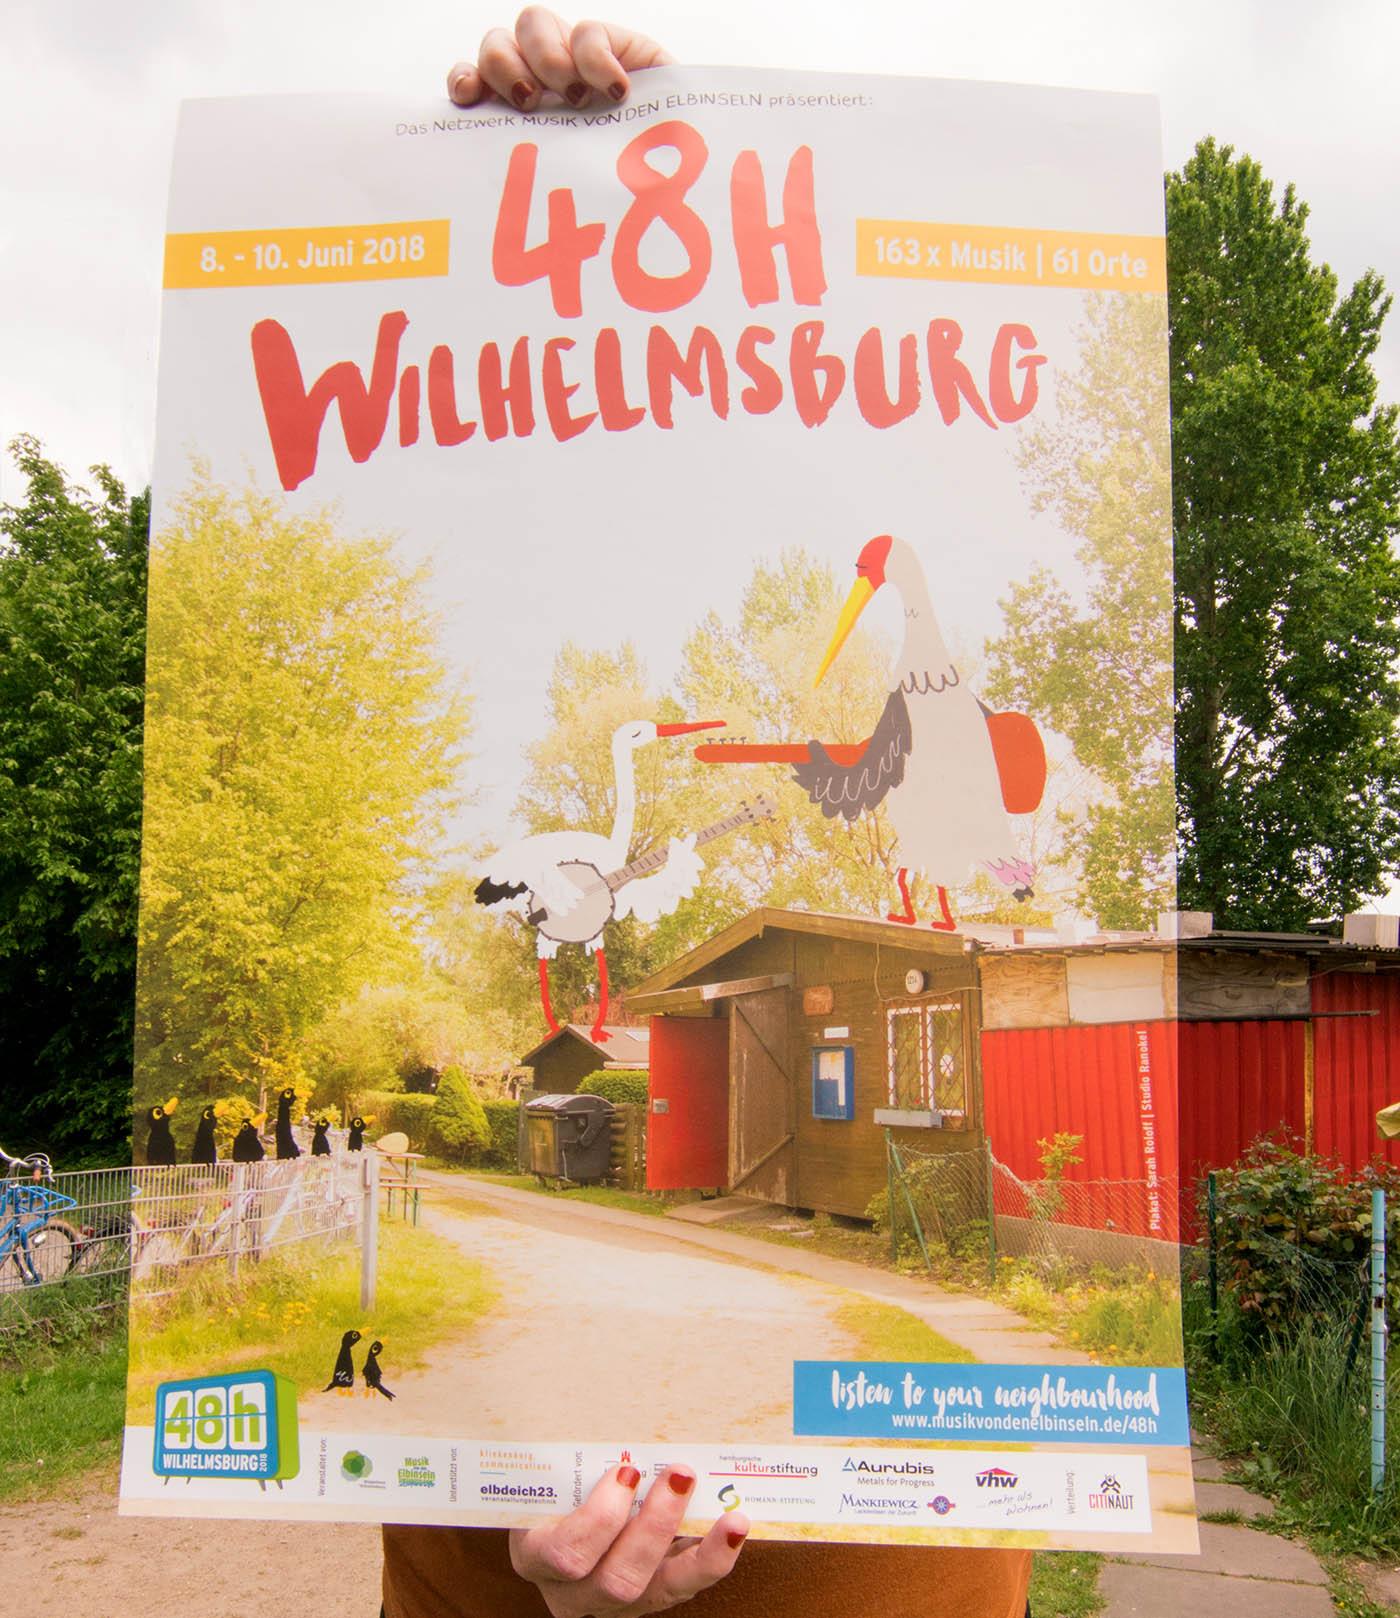 Eins unserer zahlreichen Projekte: 48h Wilhelmsburg